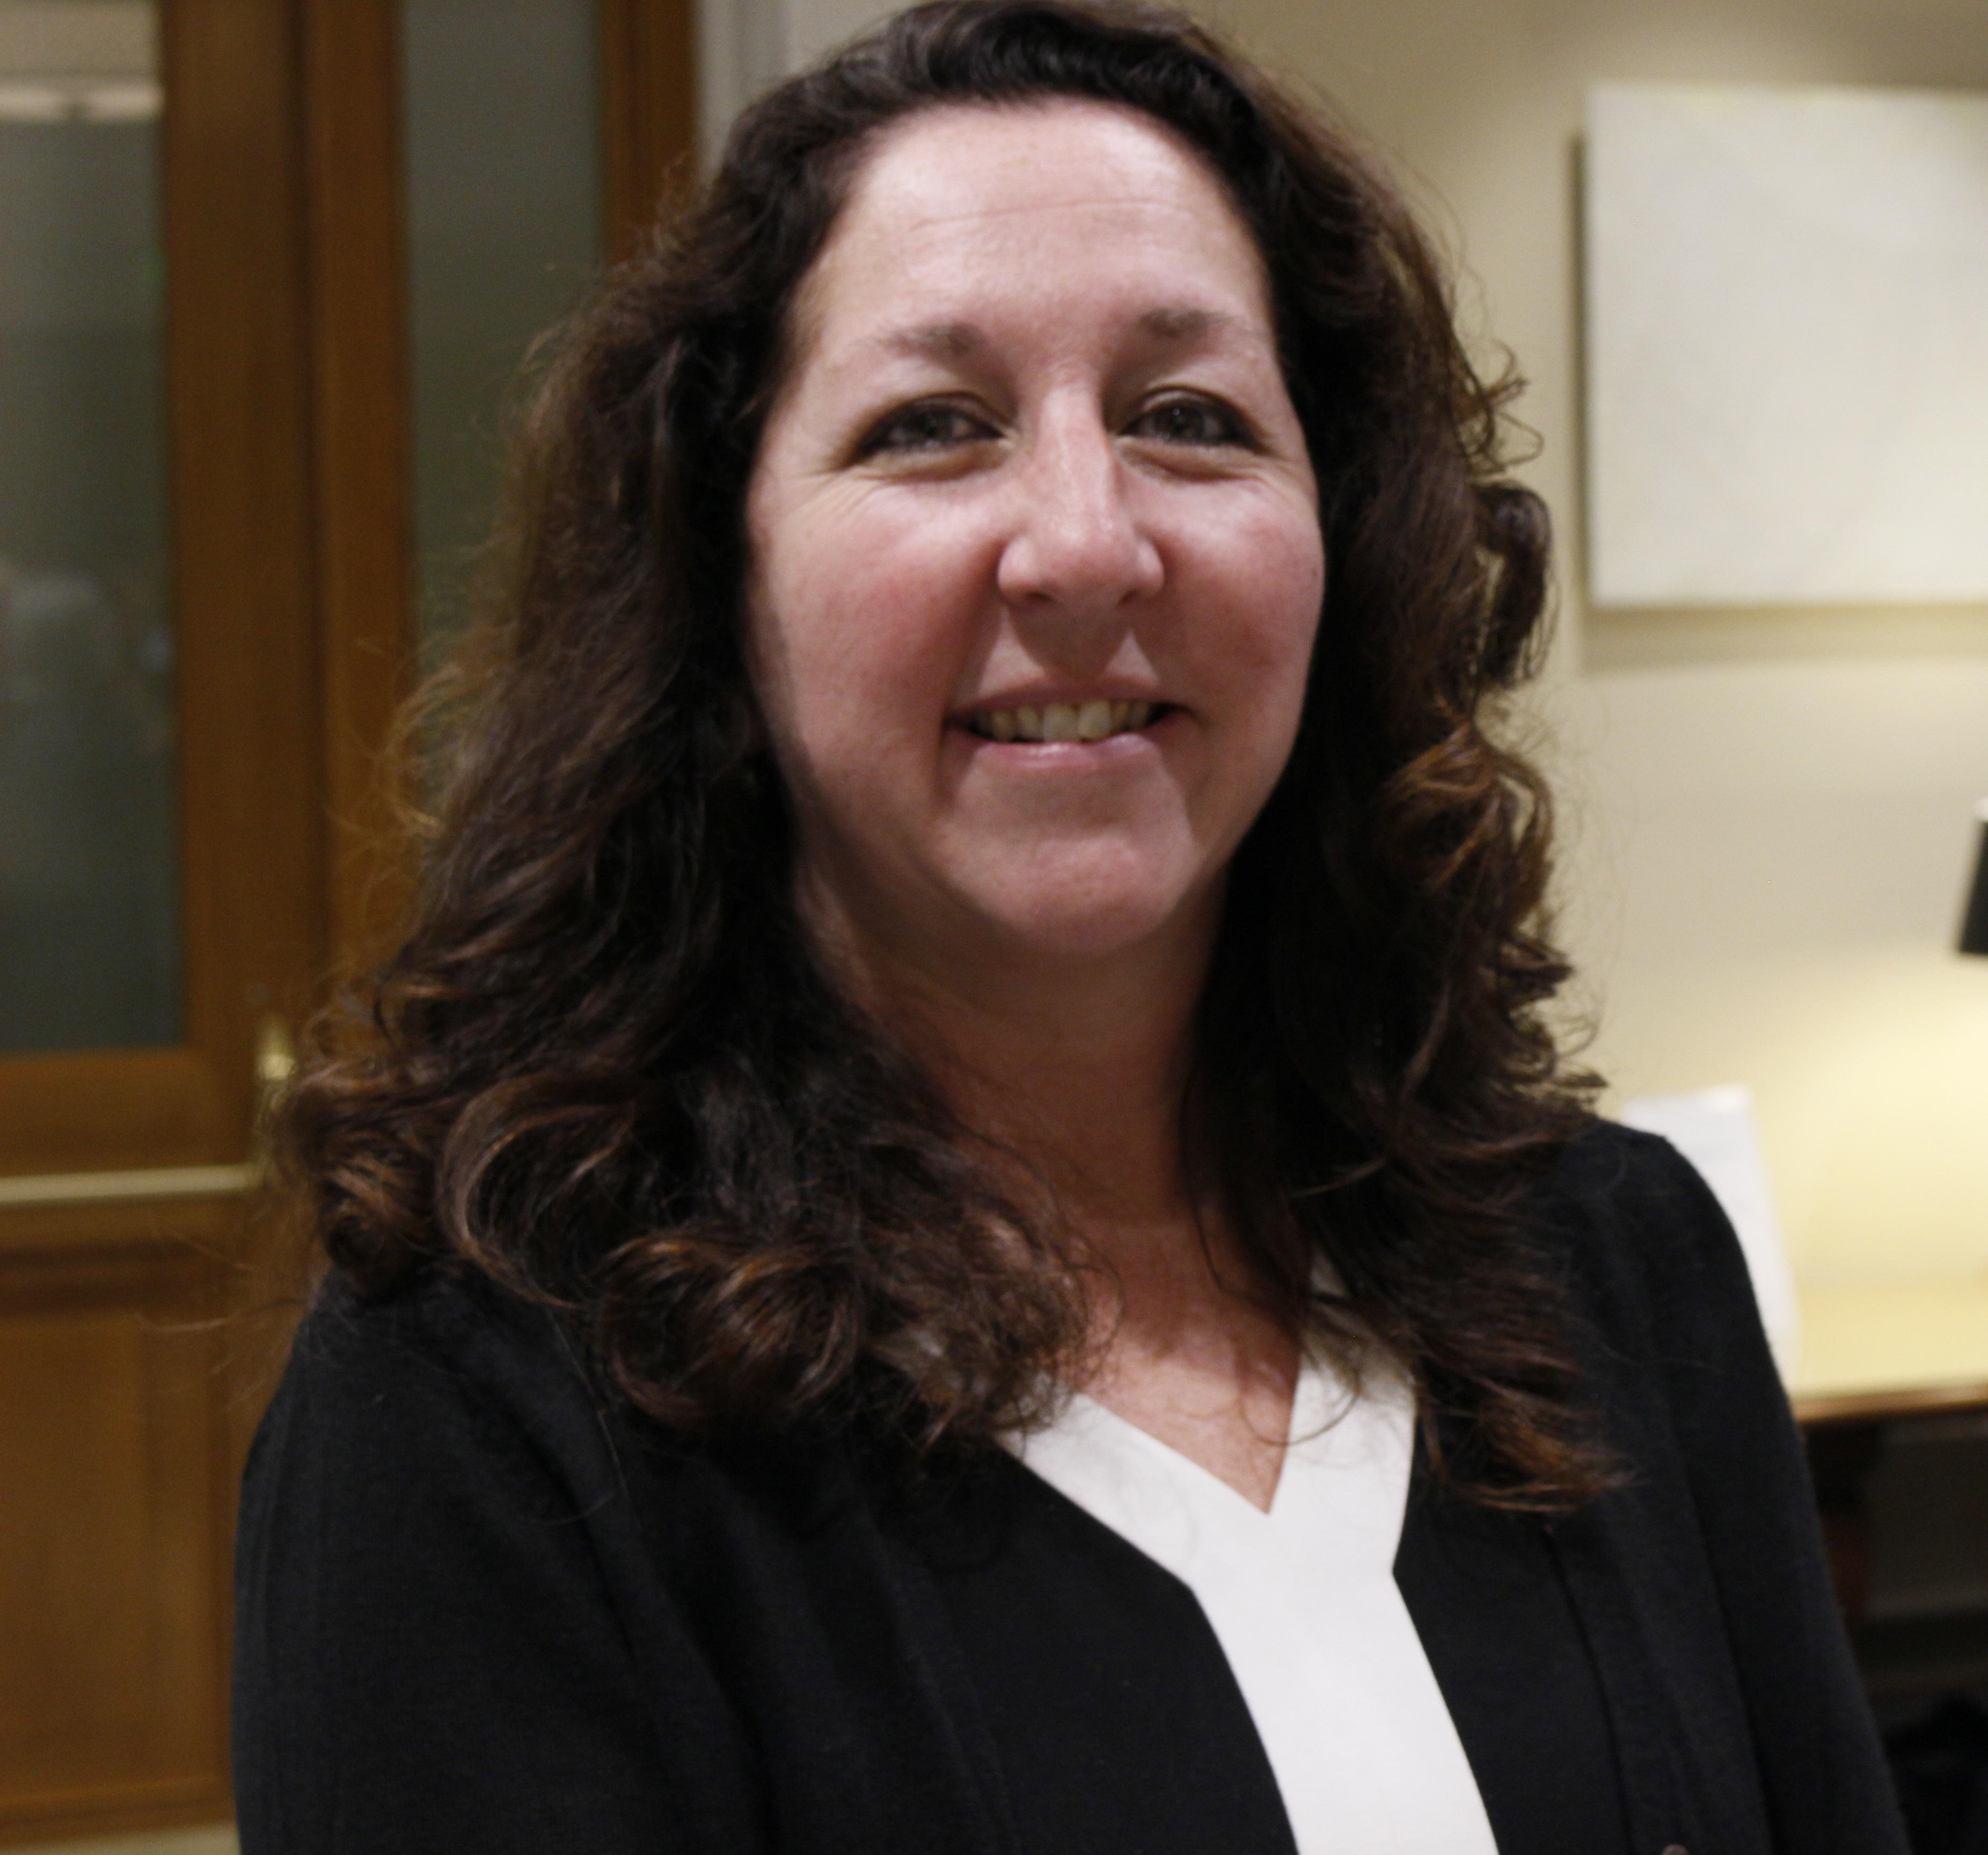 Tina Edwards